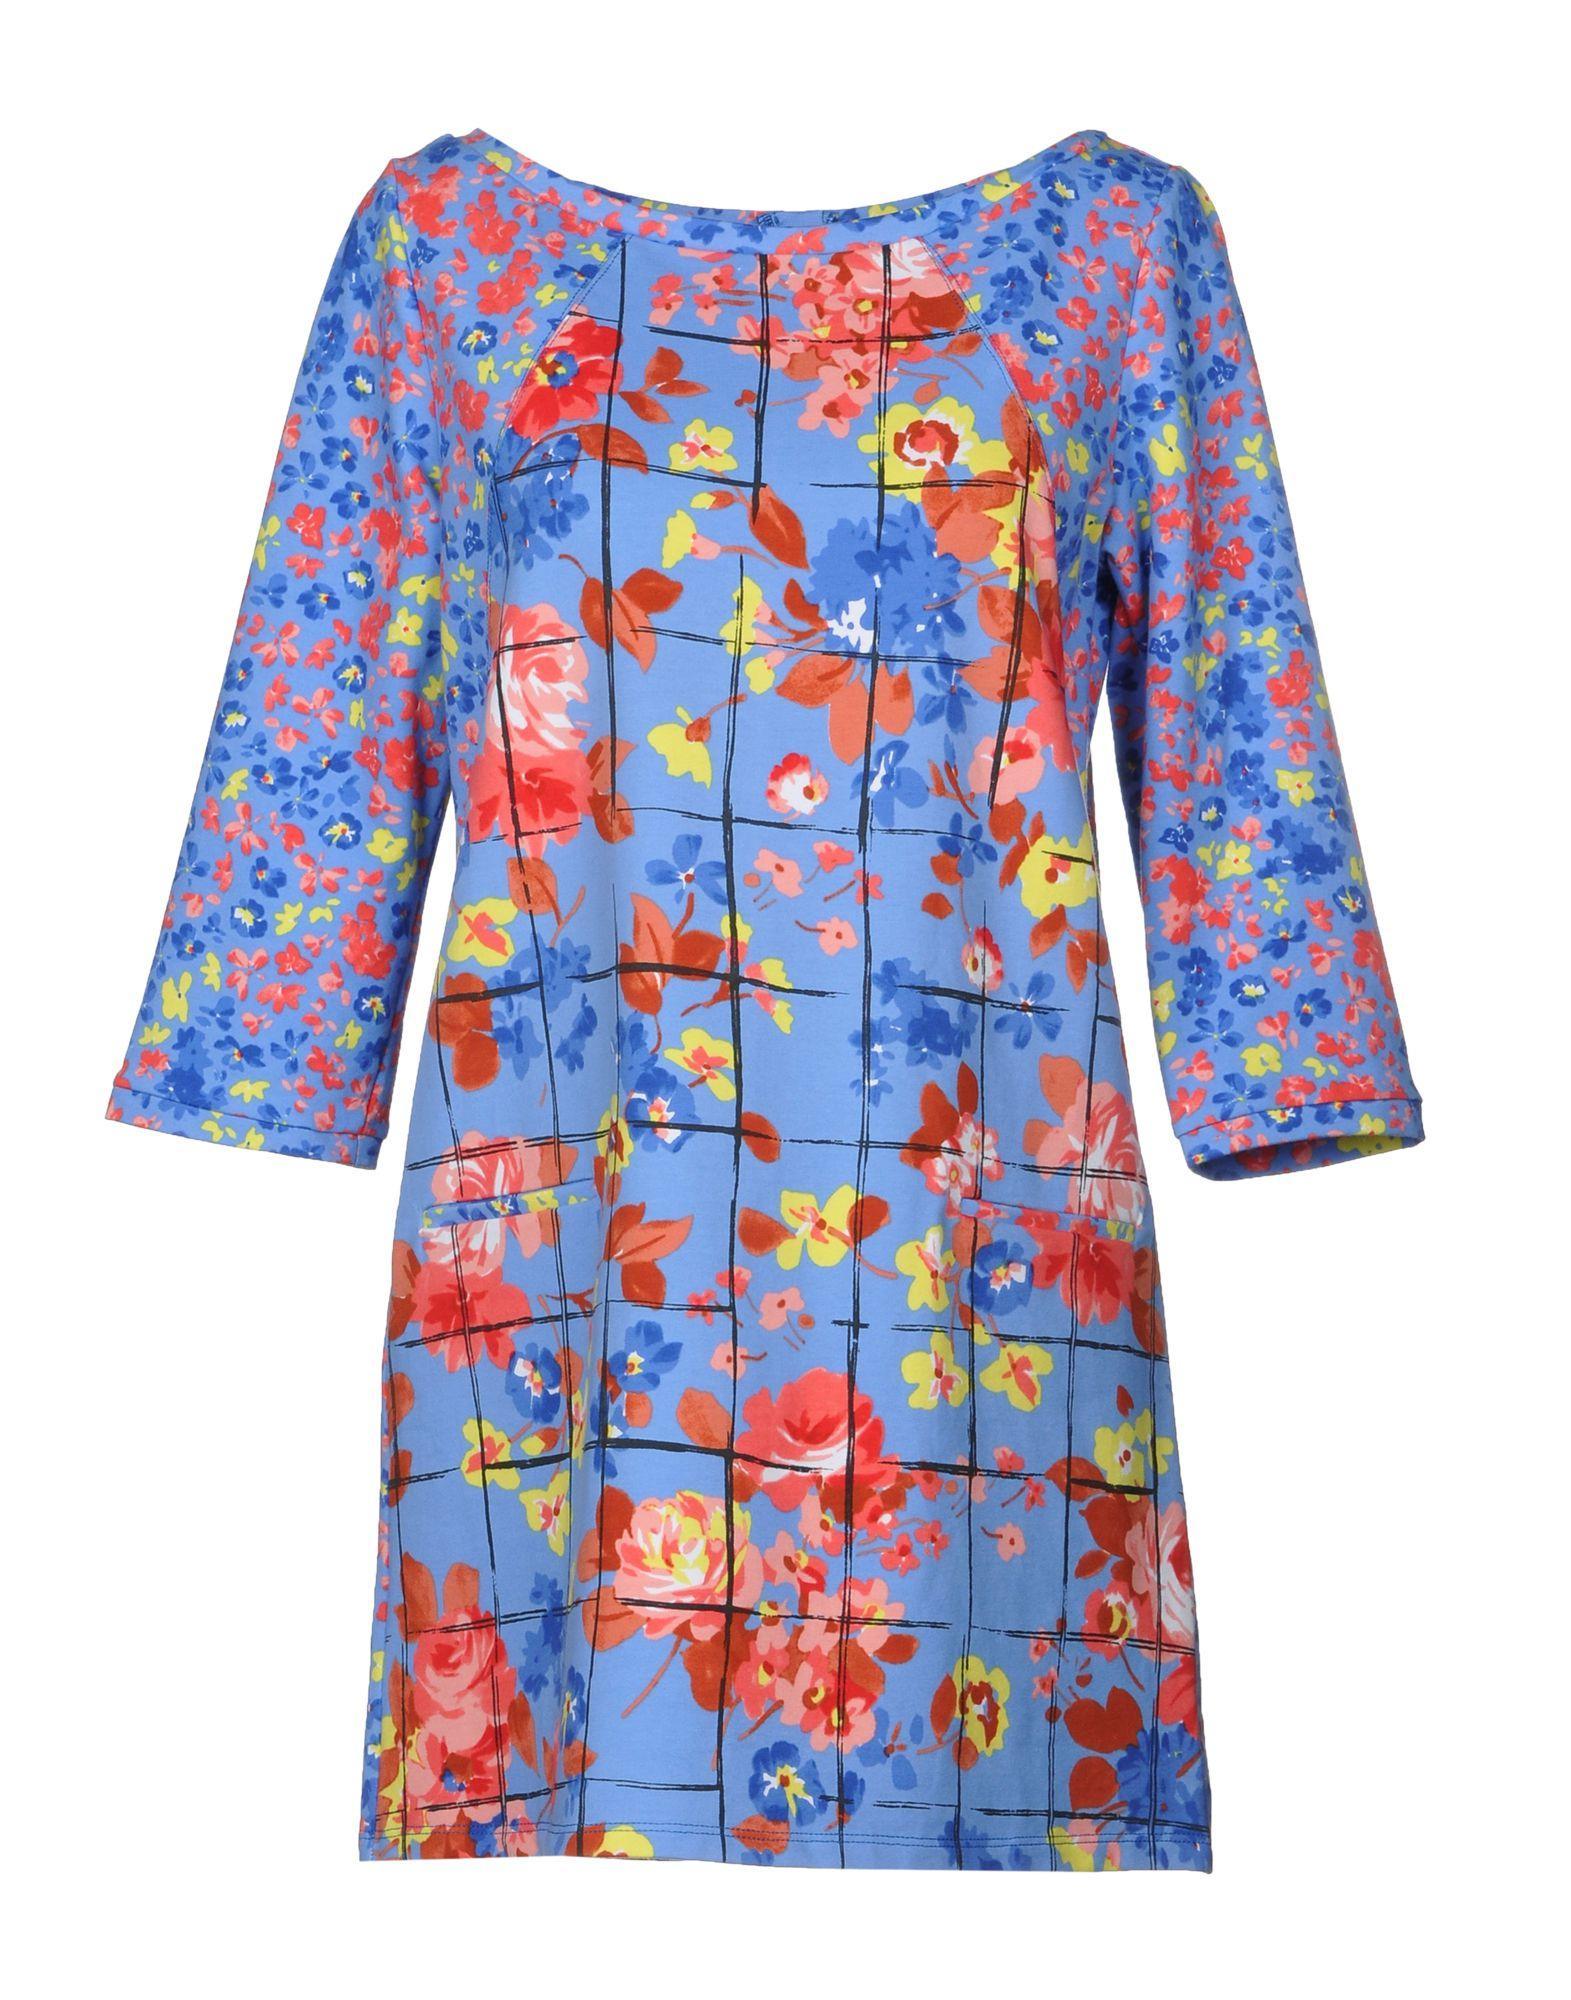 Liu •jo Short Dress In Azure